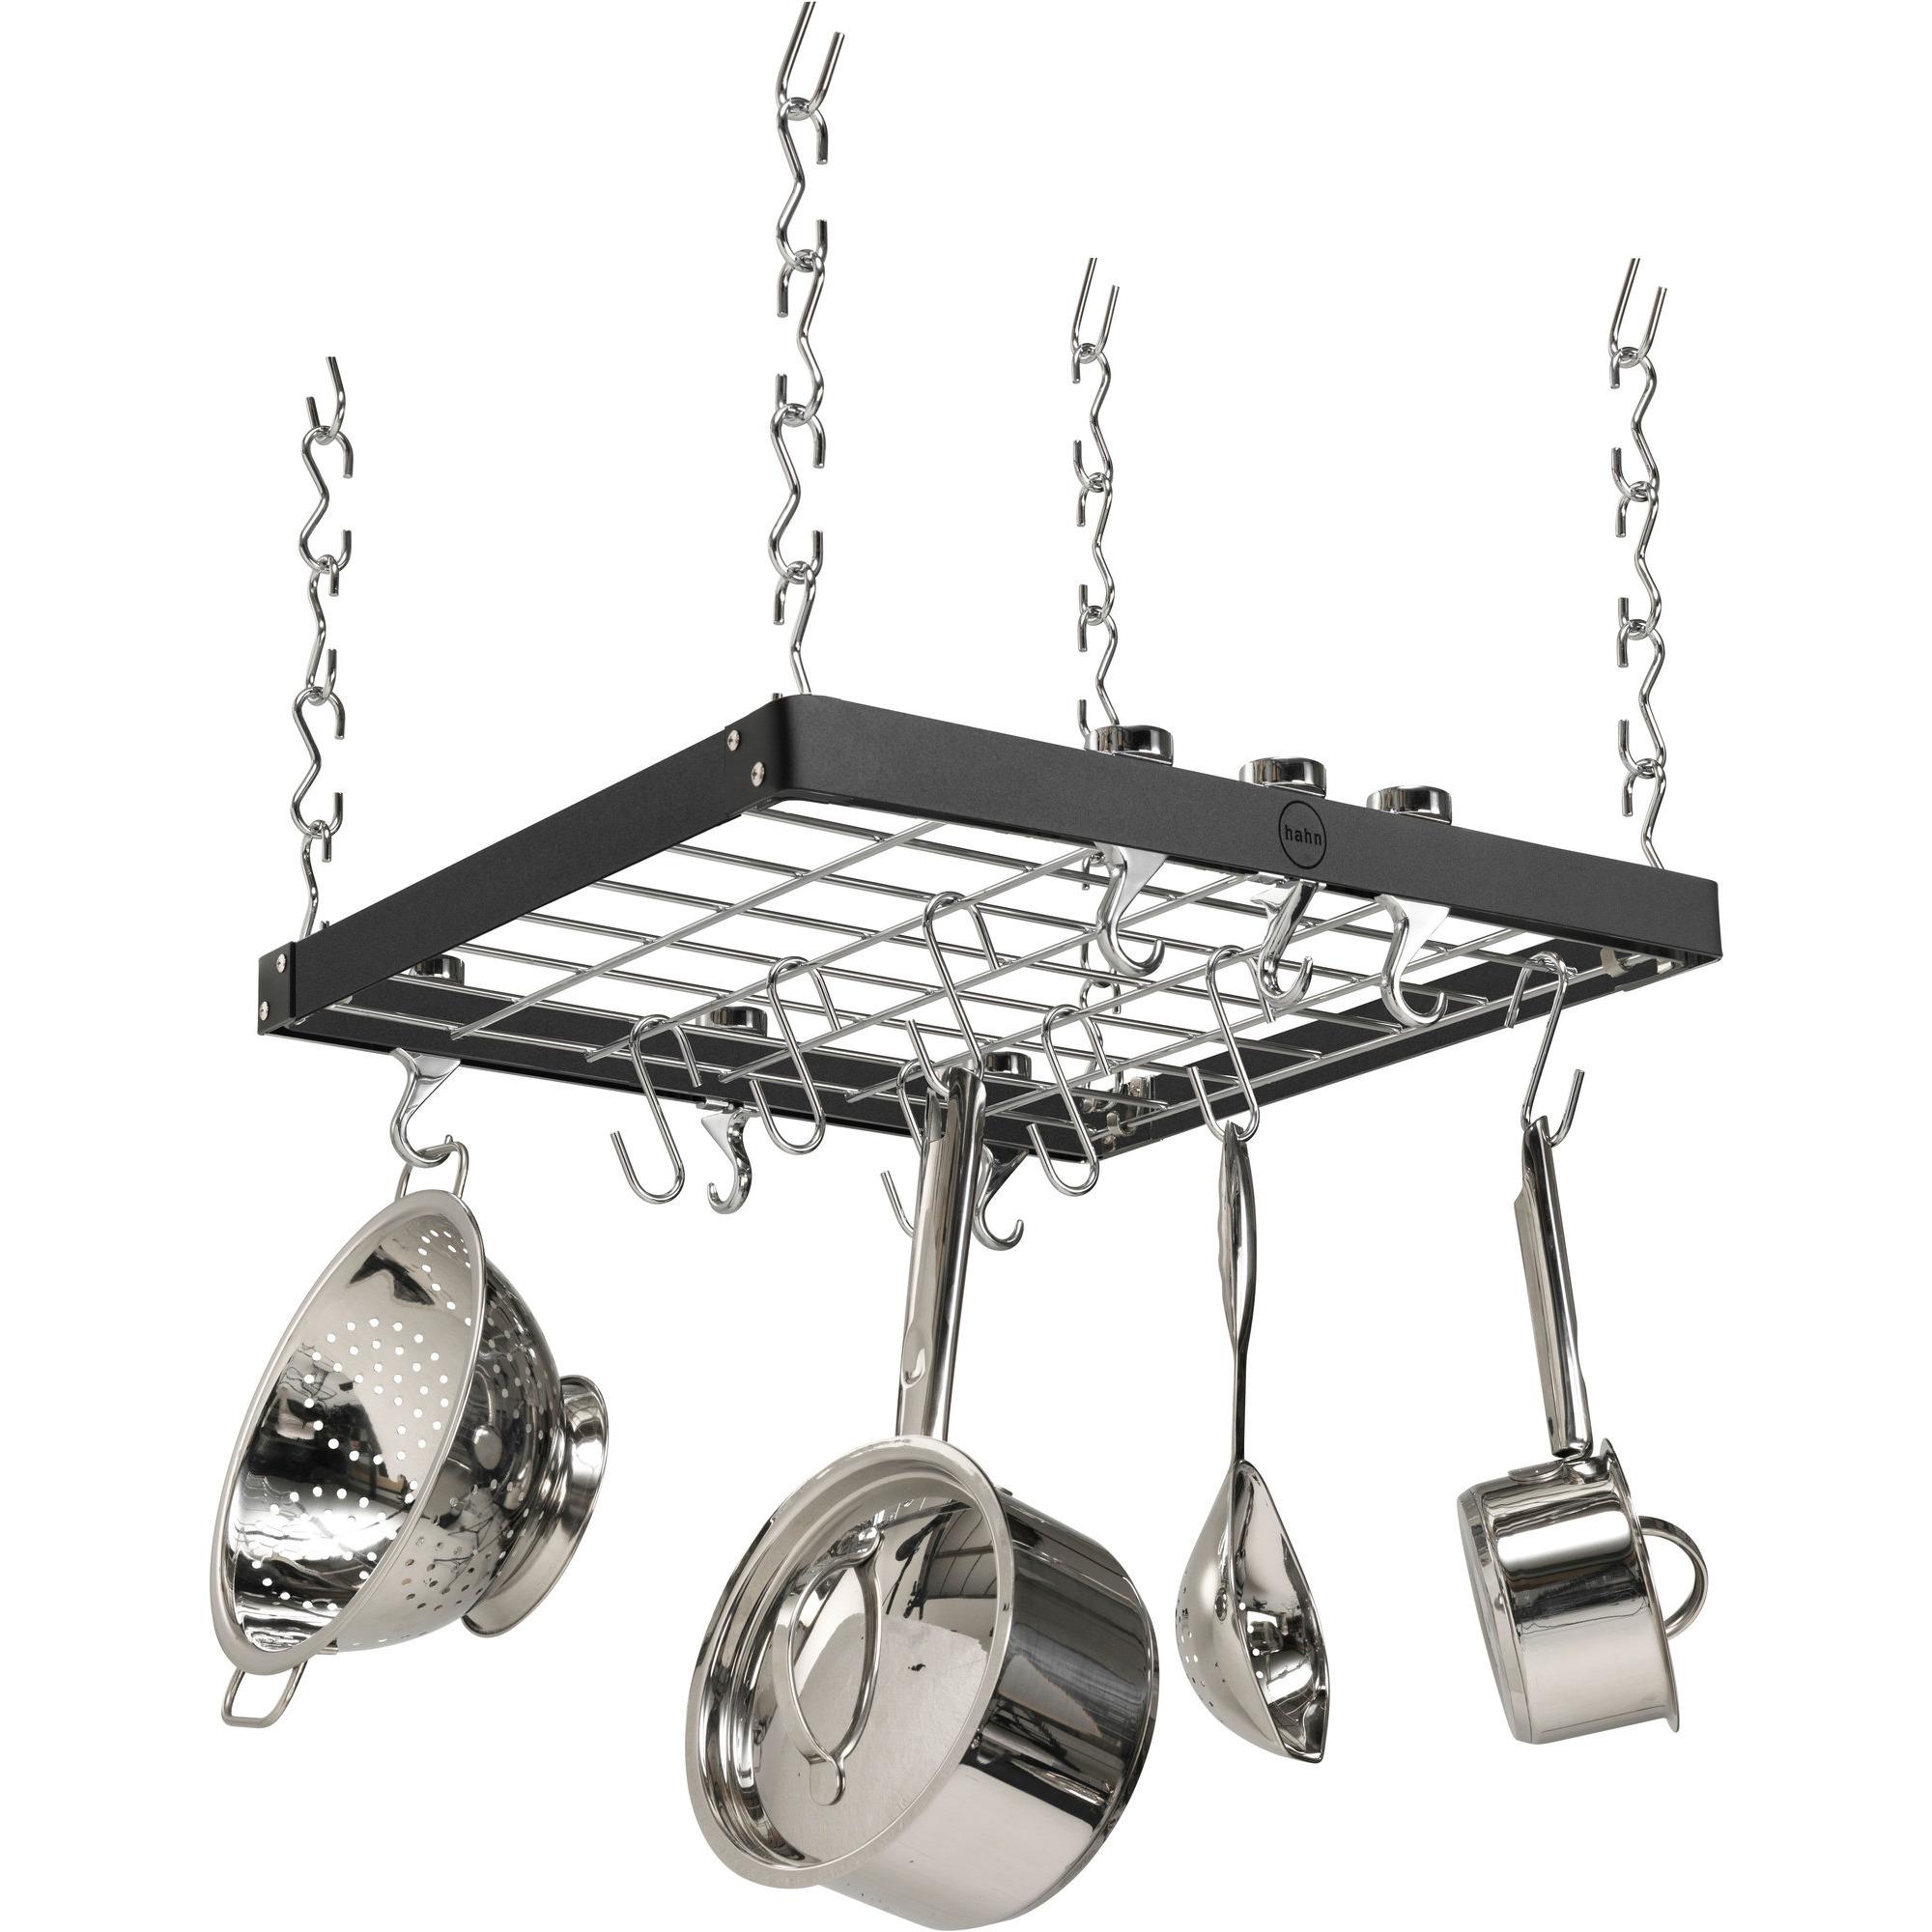 Hahn Premium Takhängare 50x50cm Svart stål